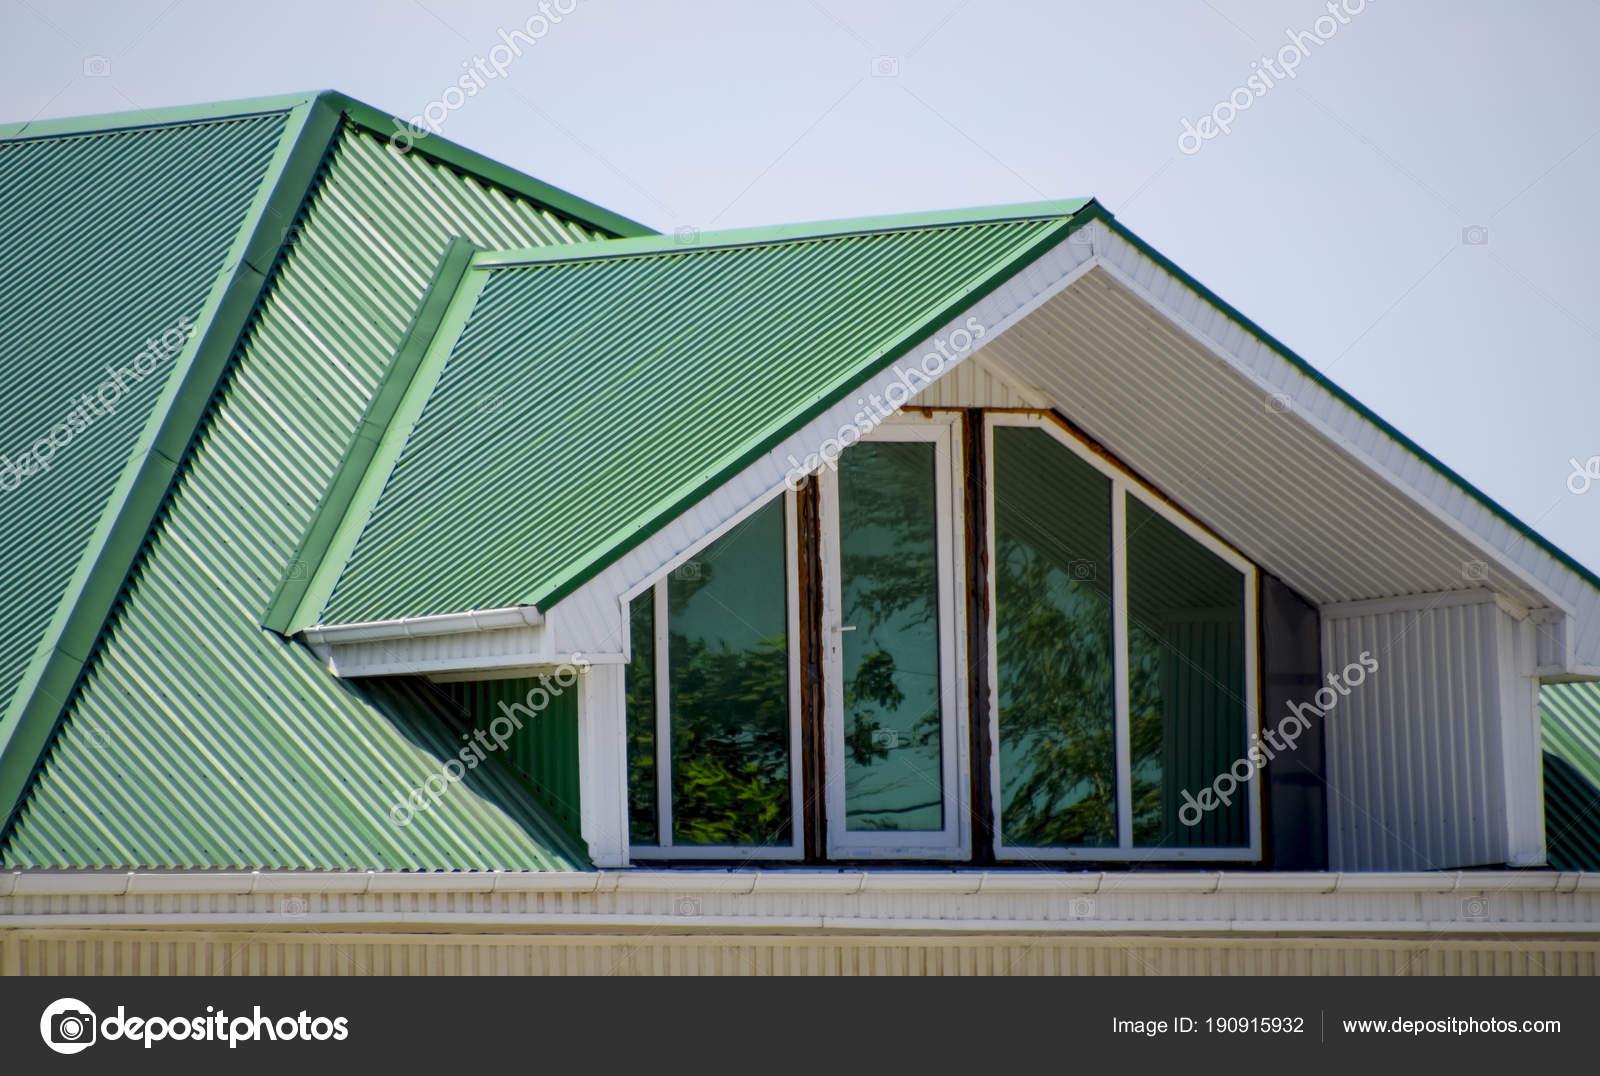 La maison avec des fen tres en pvc et un toit de t le ondul e toit vert de profil m tal ondul - Maison en tole ondulee ...